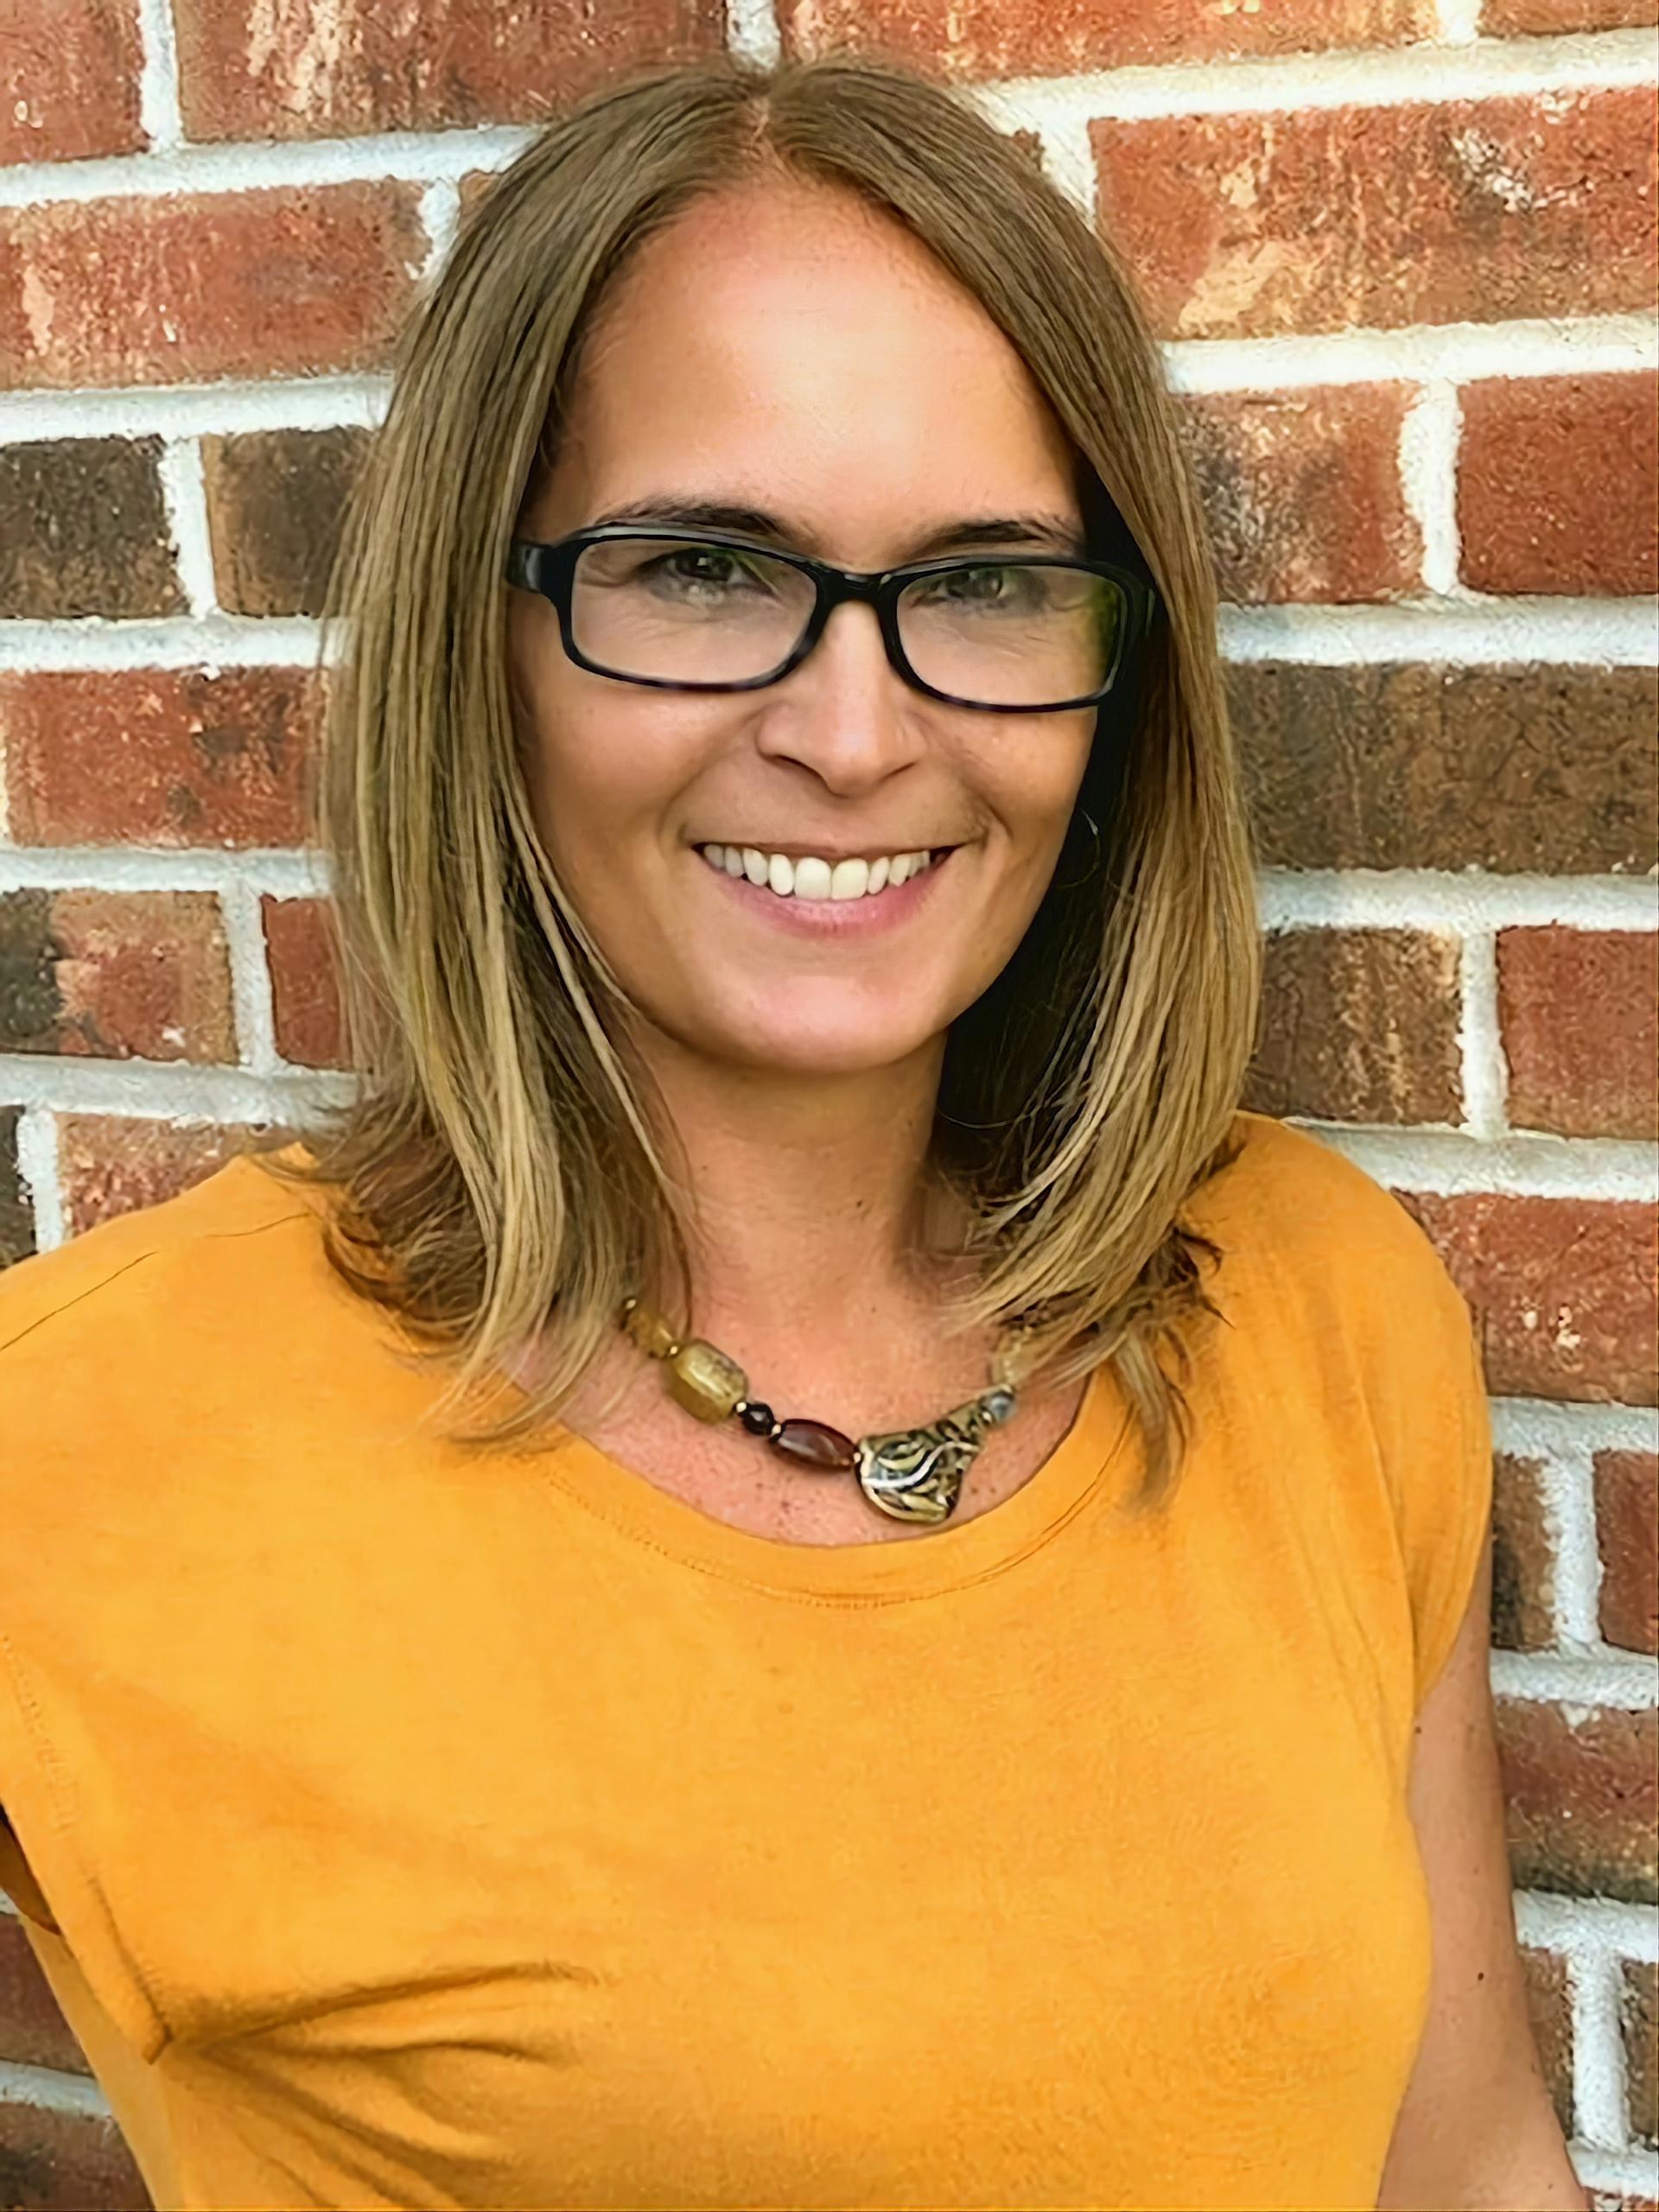 Cassie Barbeau